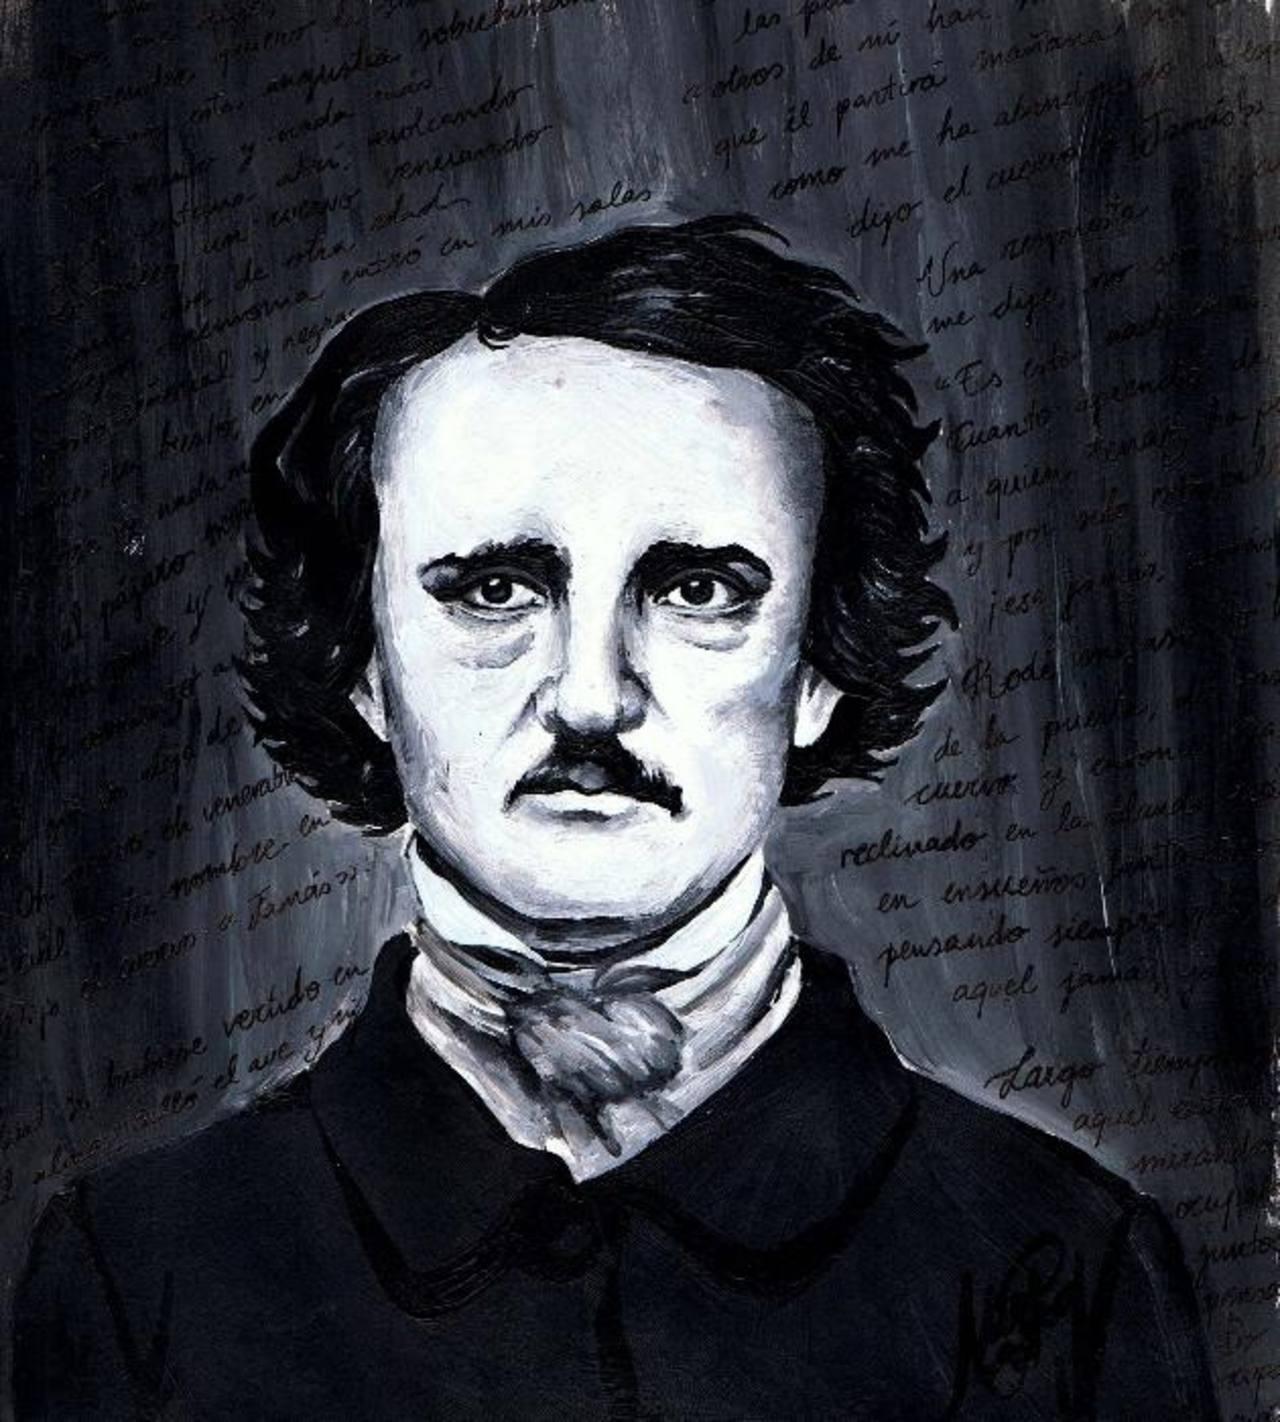 En EE. UU. existen varias instituciones dedicadas a la memoria del escritor, entre ellas Edgar Allan Poe Museum of Richmond.